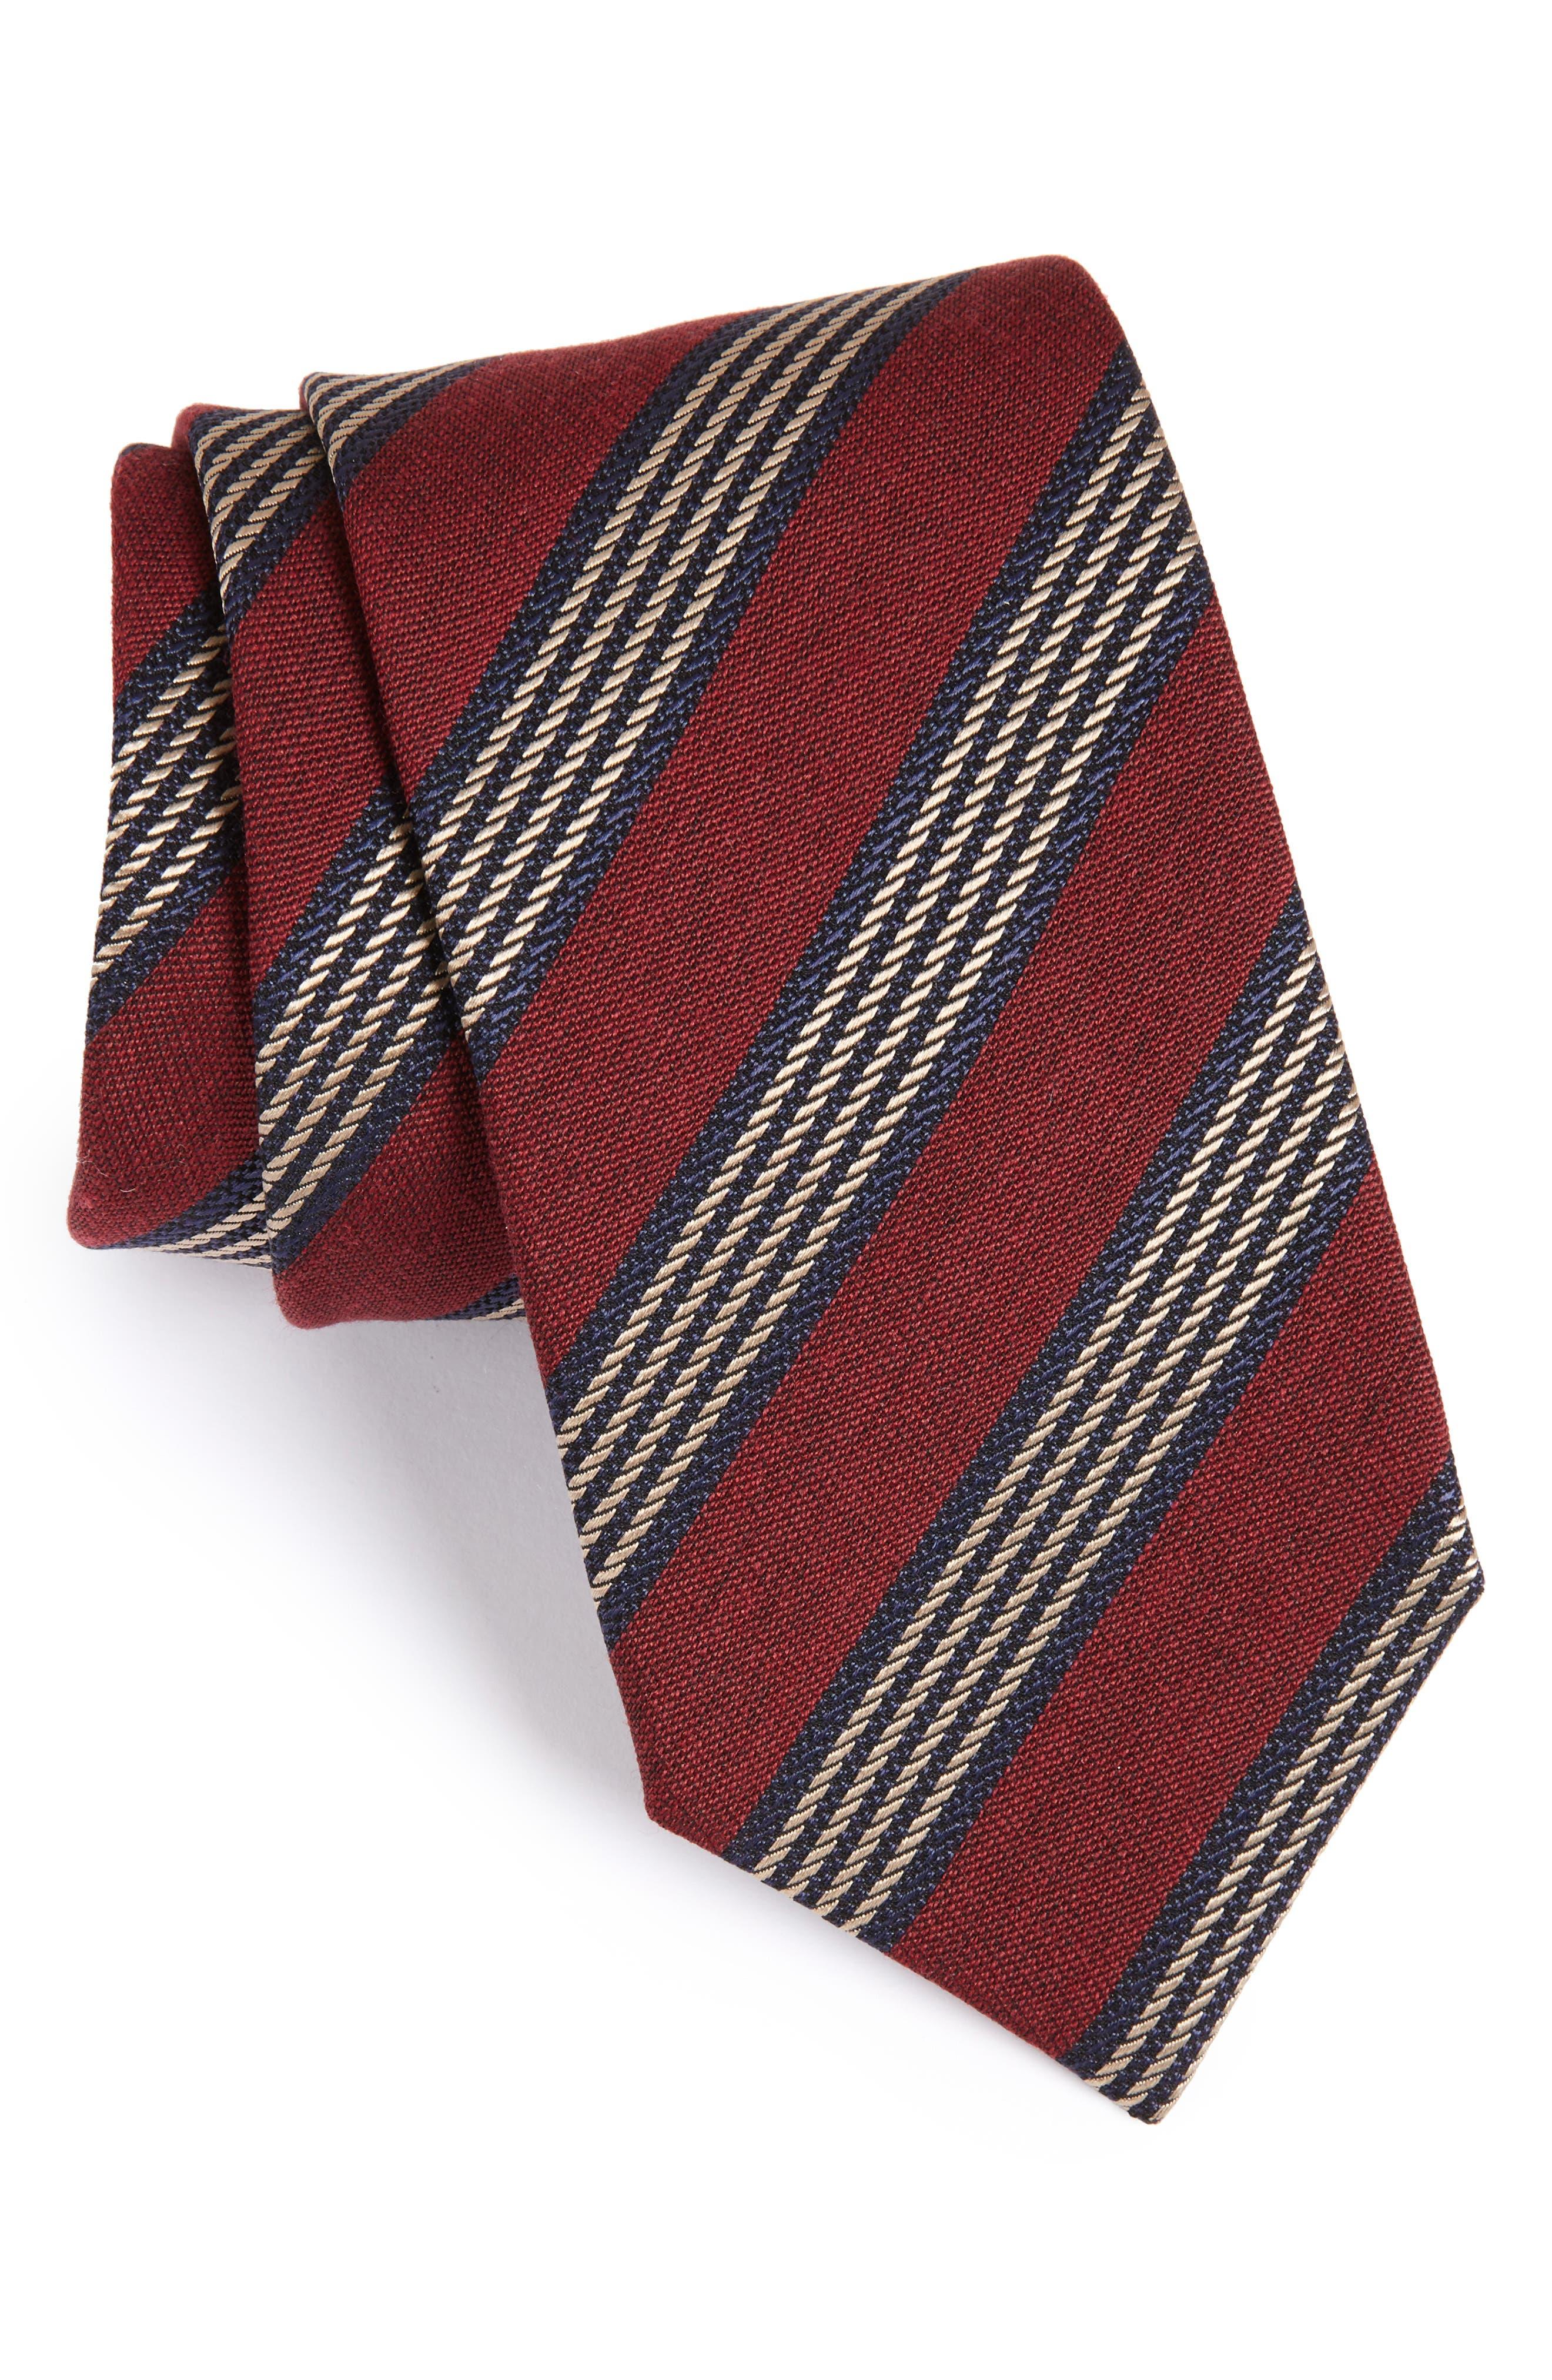 Eton Stripe Cotton, Silk & Wool Tie